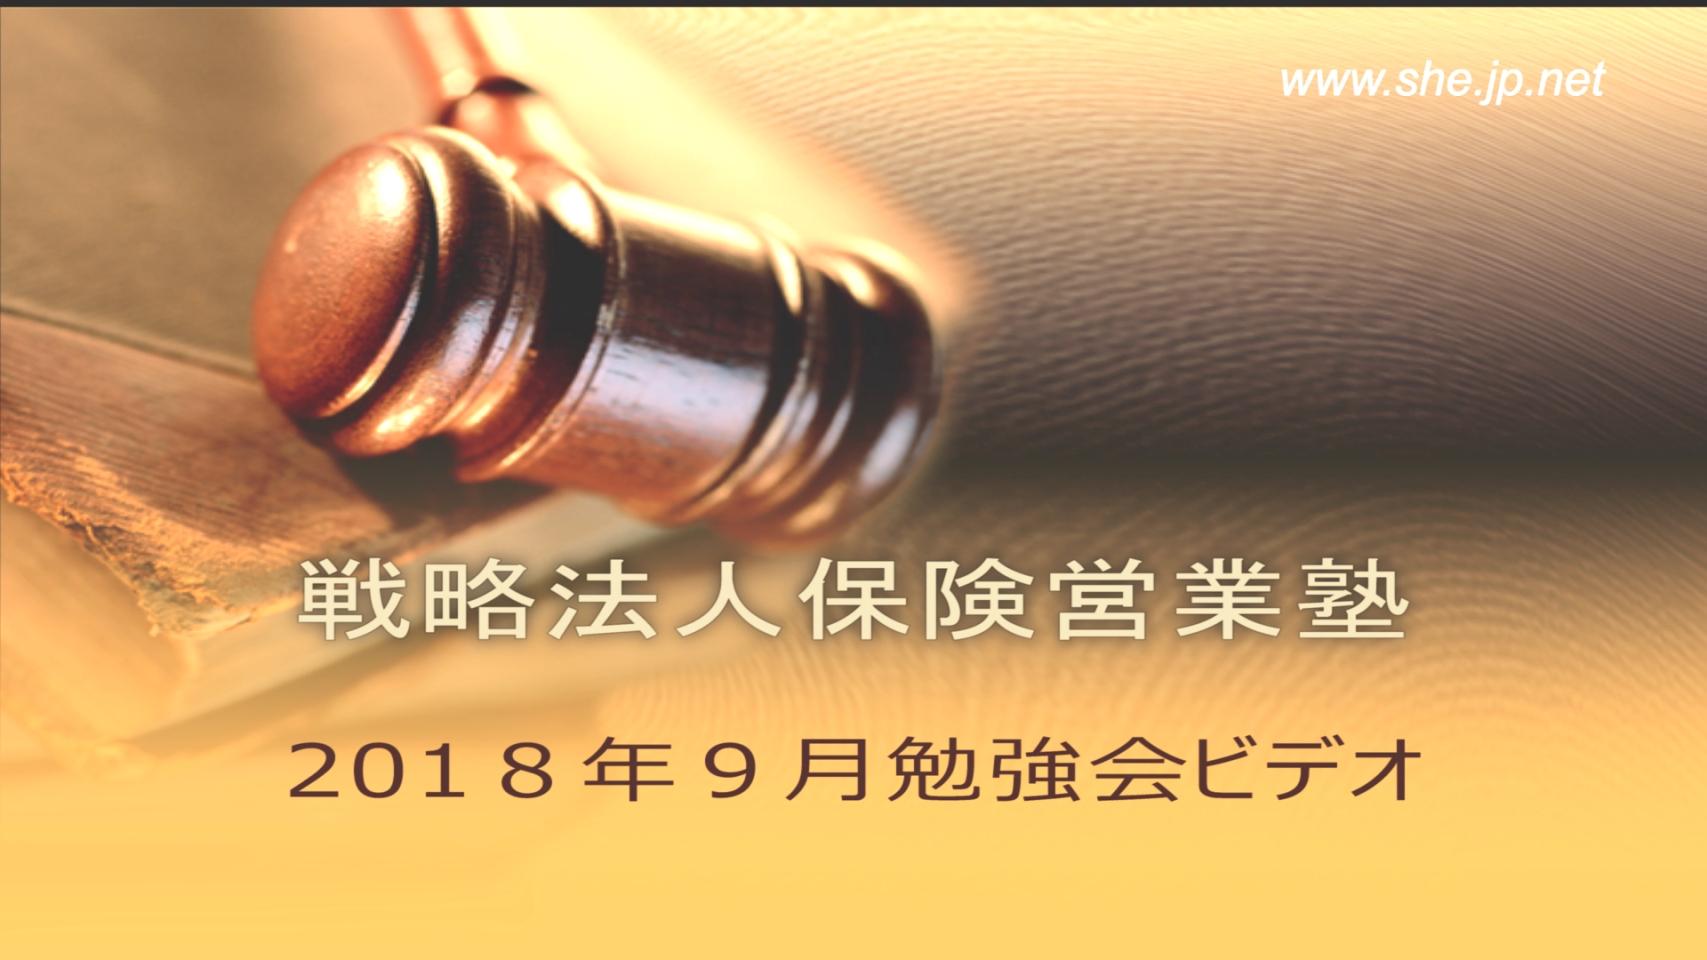 【受講者専用】 2018年9月度LiveSHE勉強会ビデオ(メンバー限定)